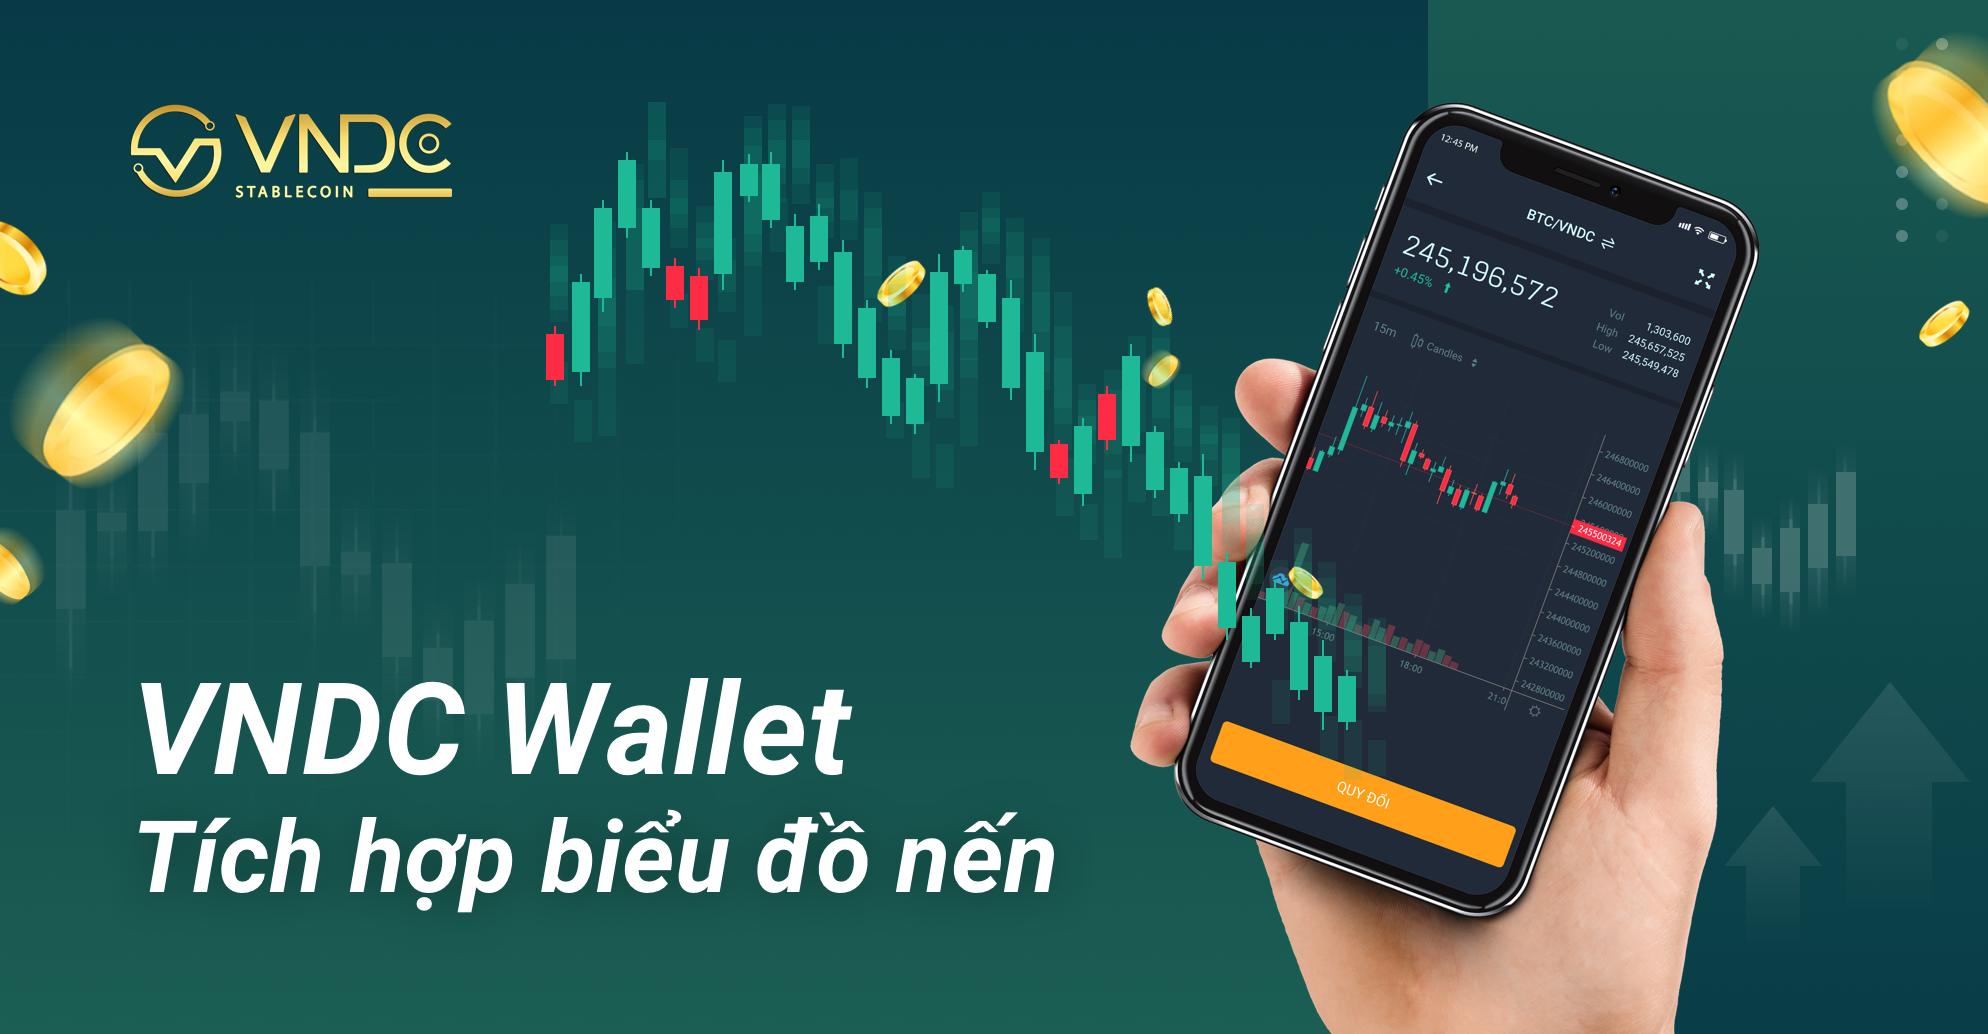 Biểu đồ nến đã được tích hợp trên VNDC Wallet